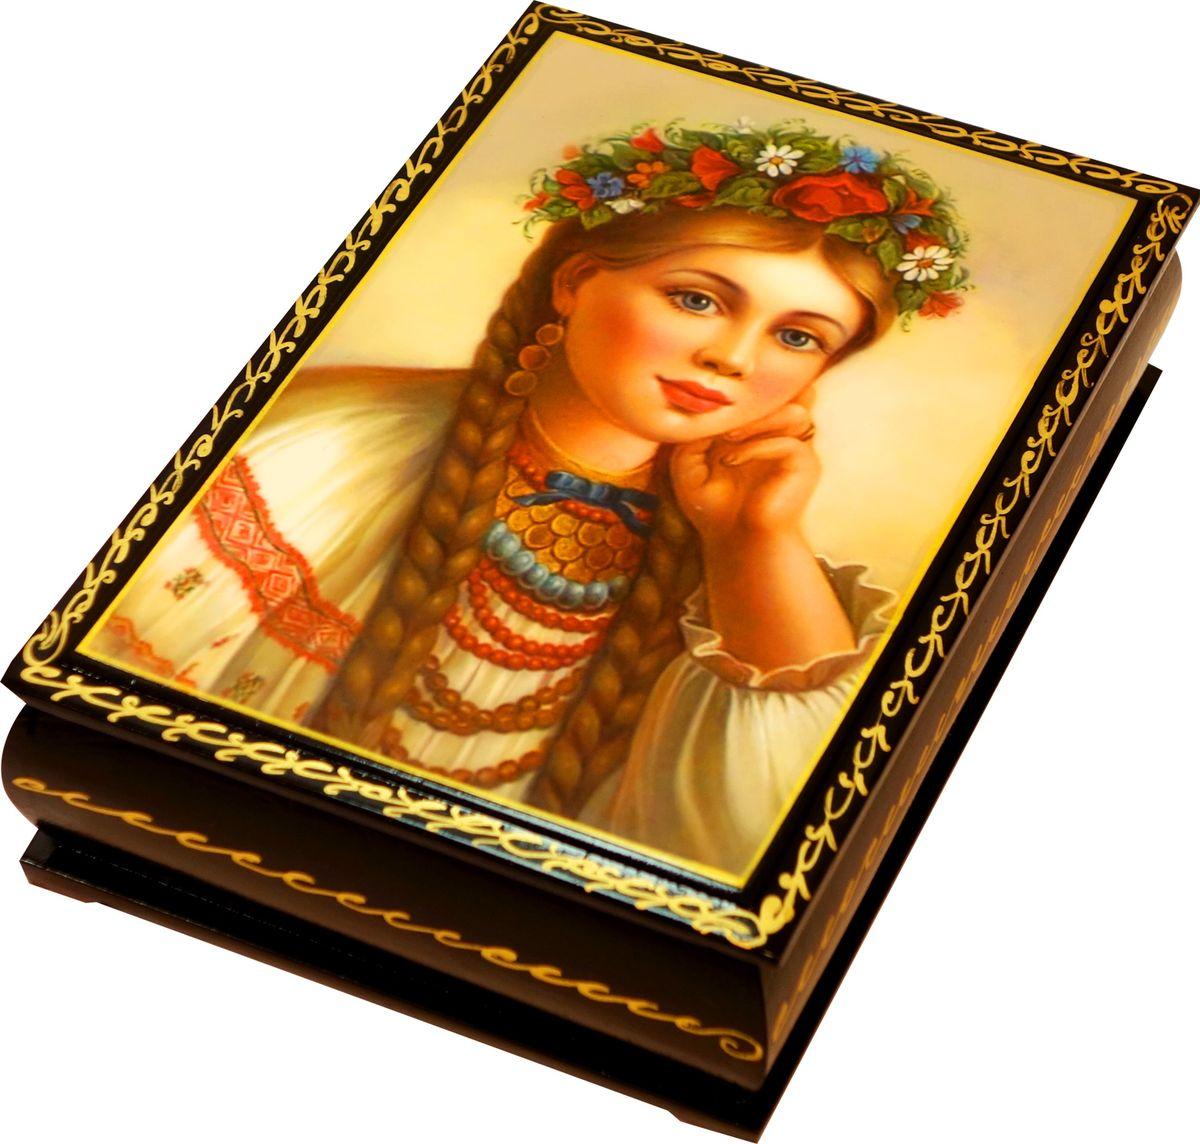 Кремлина Девушка в венке чернослив шоколадный с грецким орехом конфеты, 150 г maltagliati spaghetti спагетти макароны 500 г